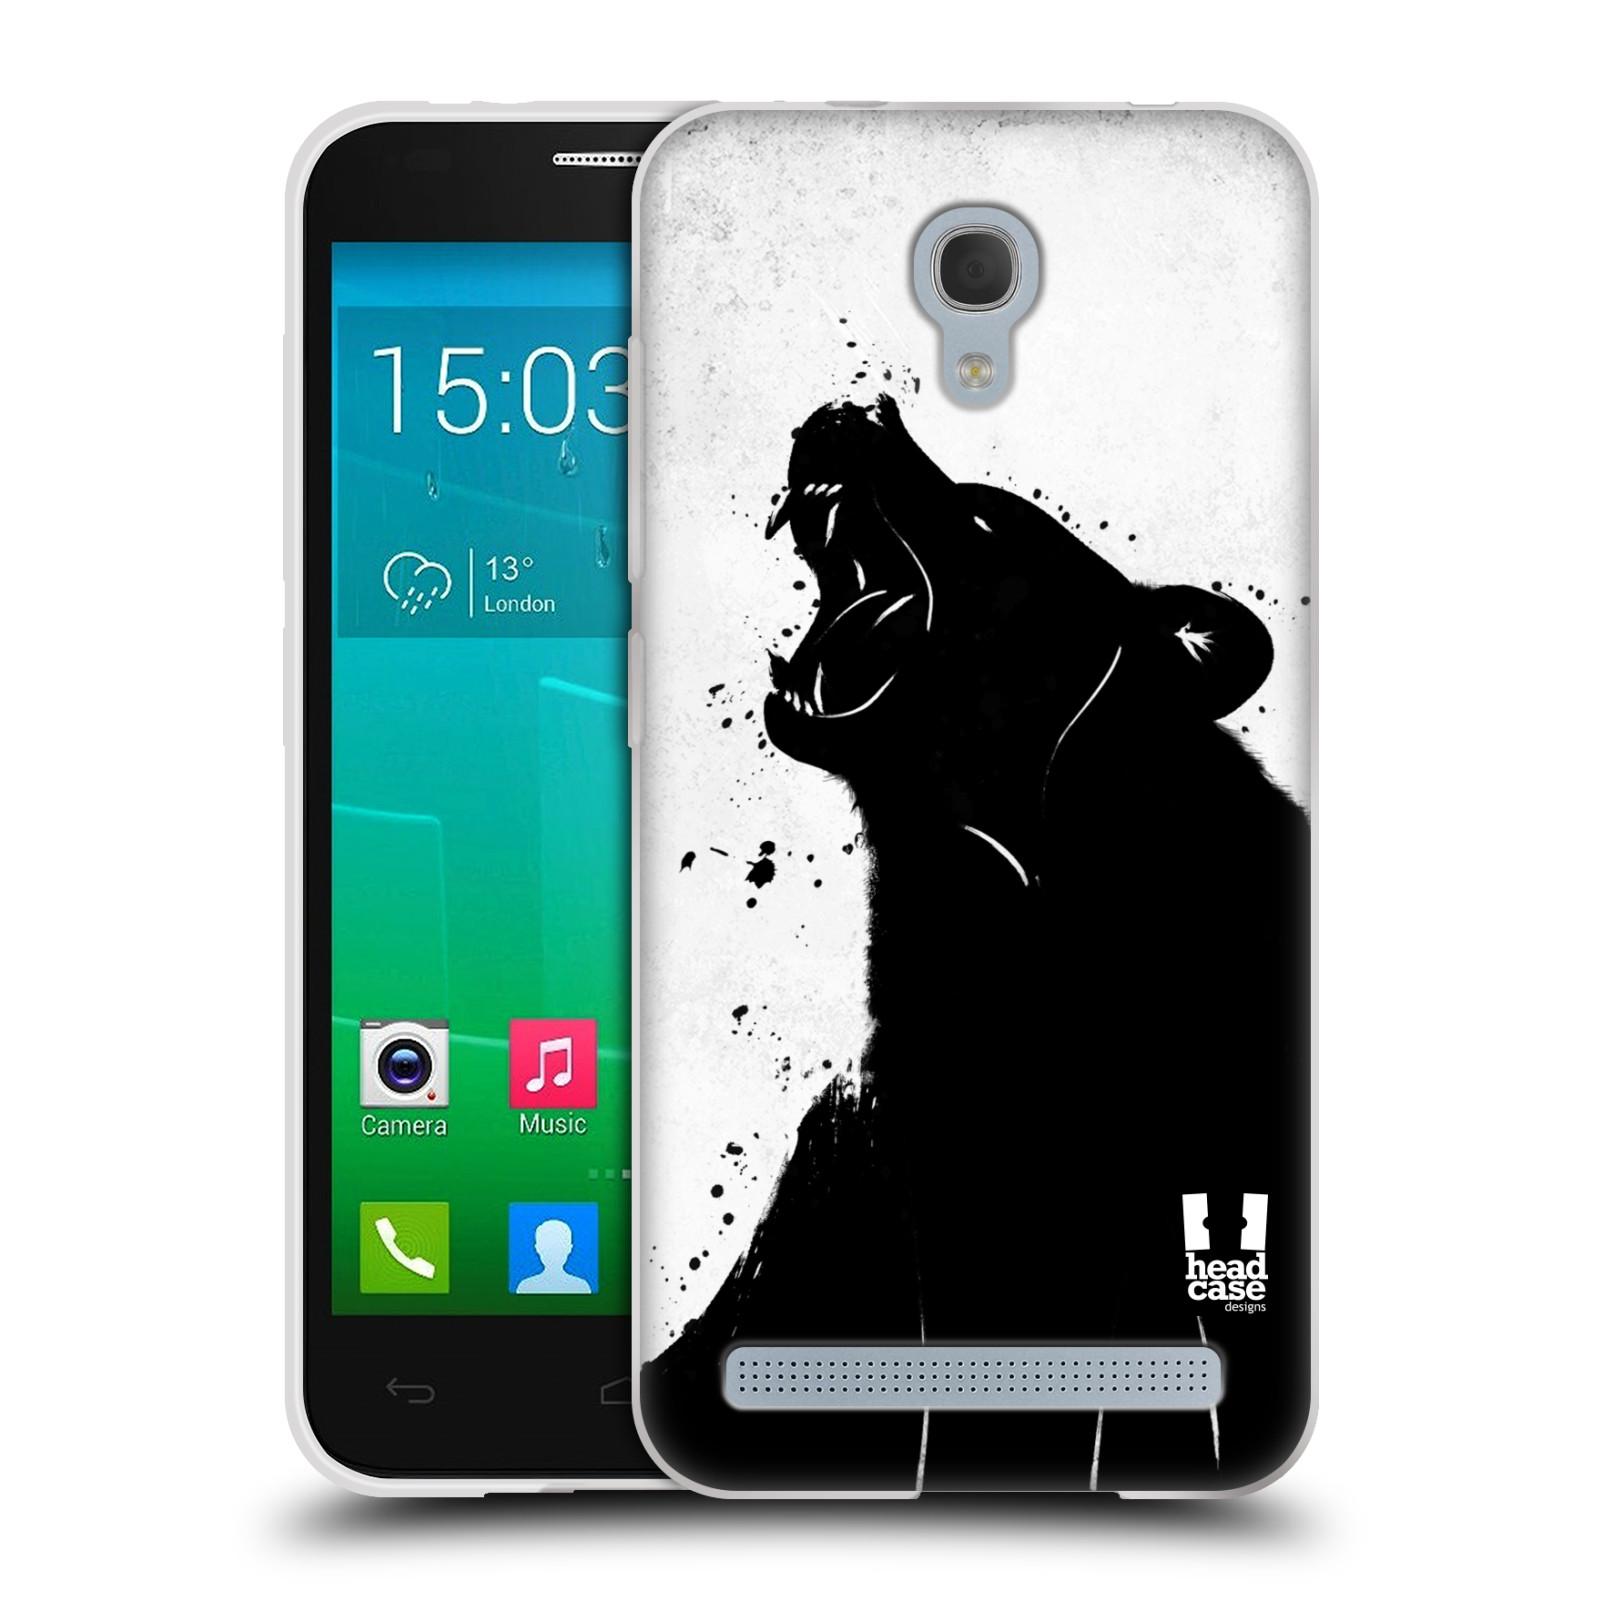 HEAD CASE silikonový obal na mobil Alcatel Idol 2 MINI S 6036Y vzor Kresba tuš zvíře medvěd